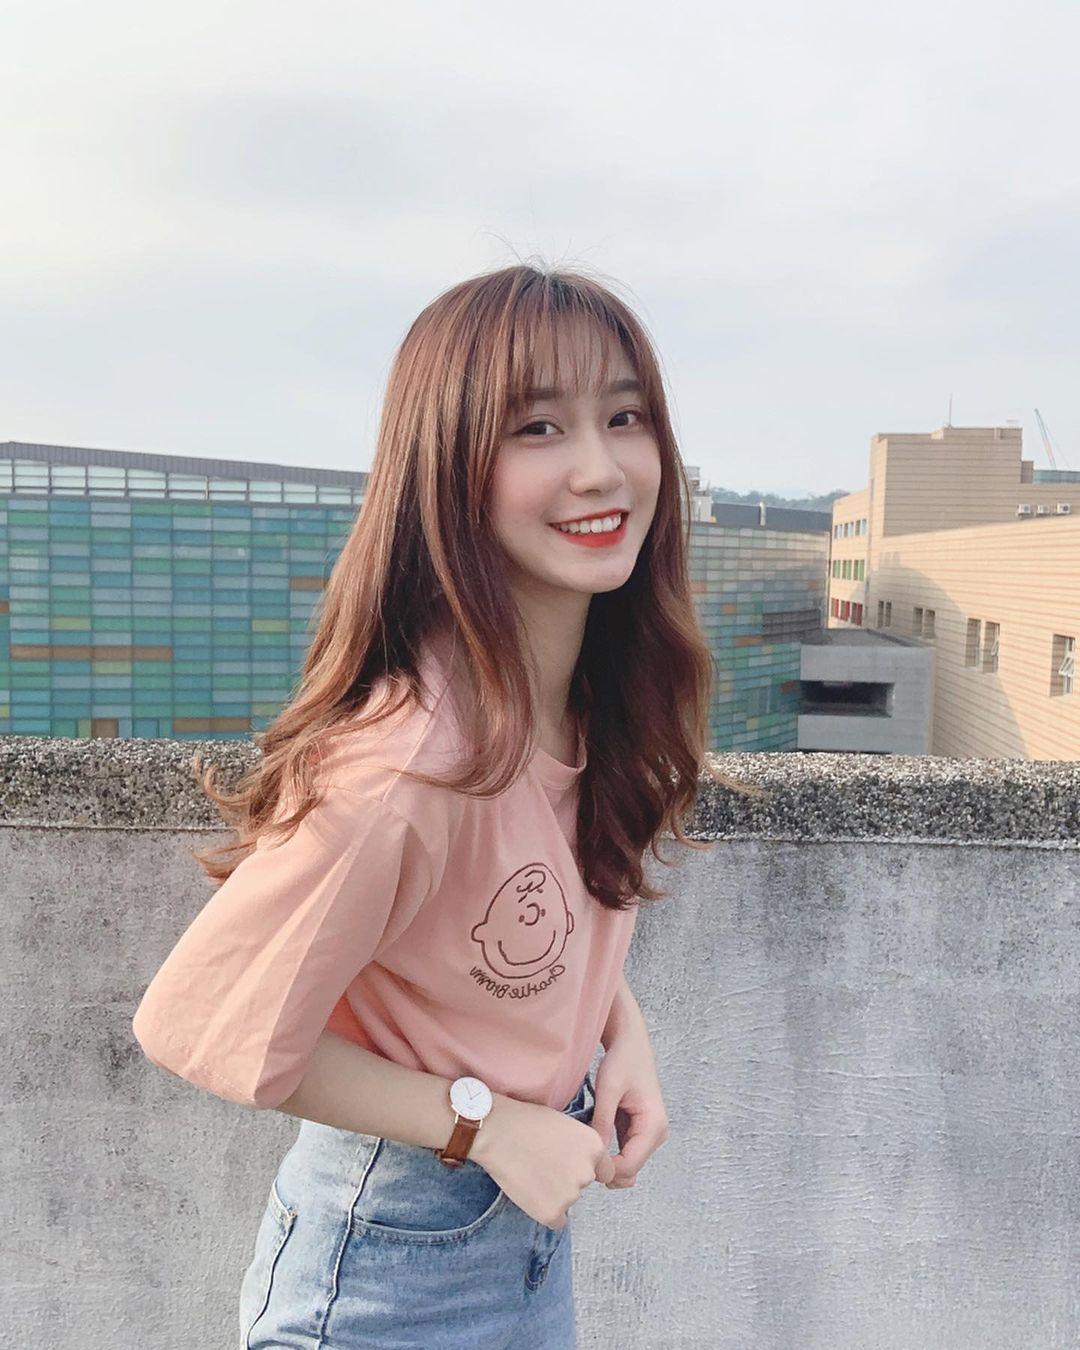 北教大校花女神倩米清新笑颜太甜美 美少女老师 网络美女 第4张